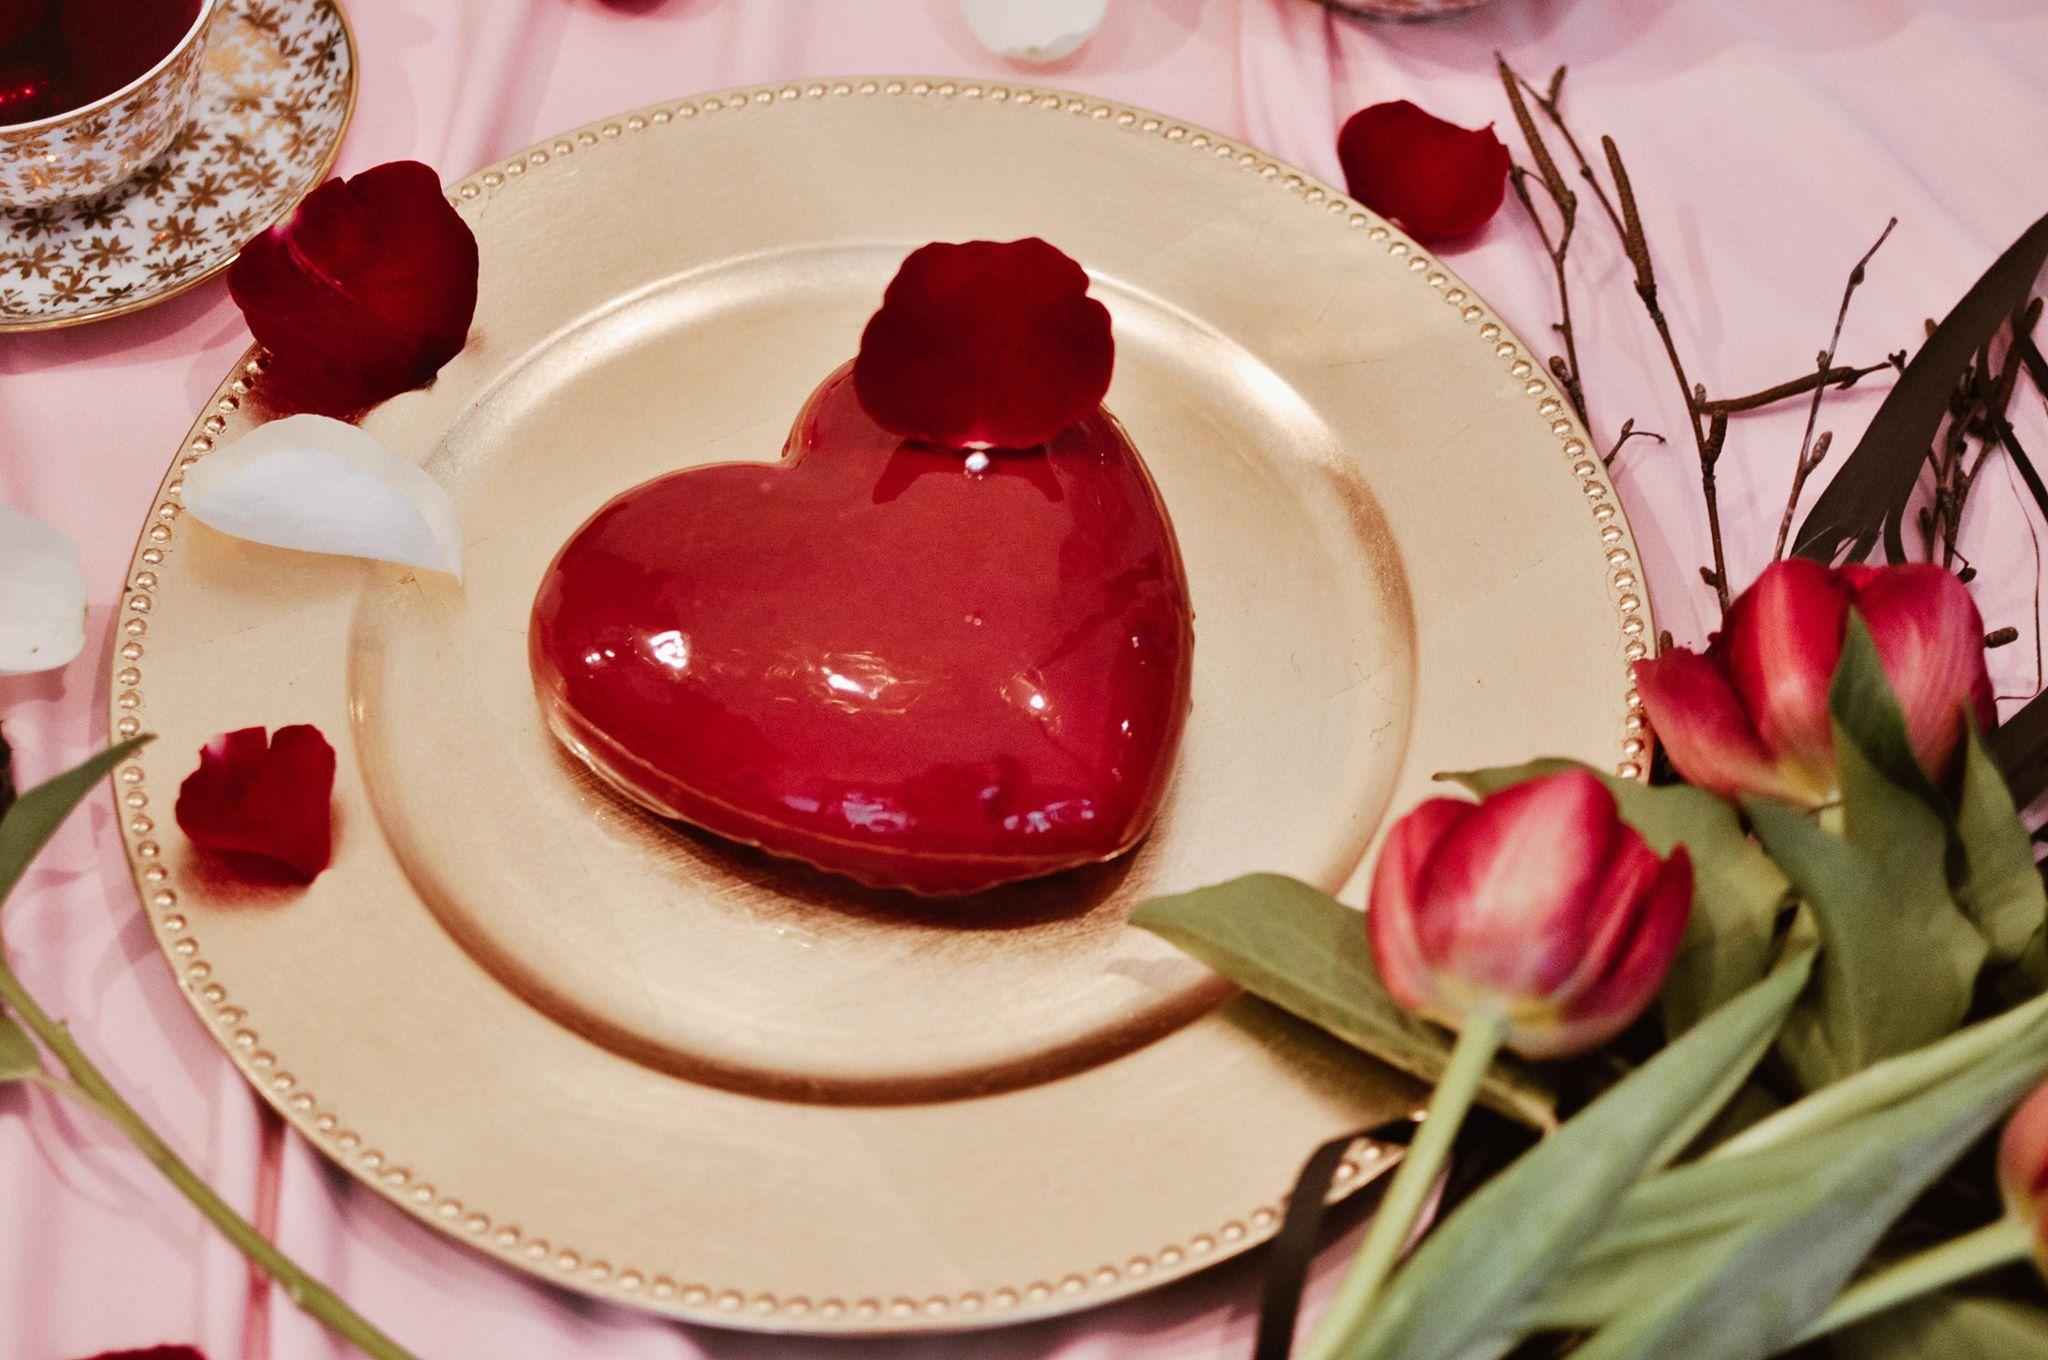 evenimente oradea, valentines day